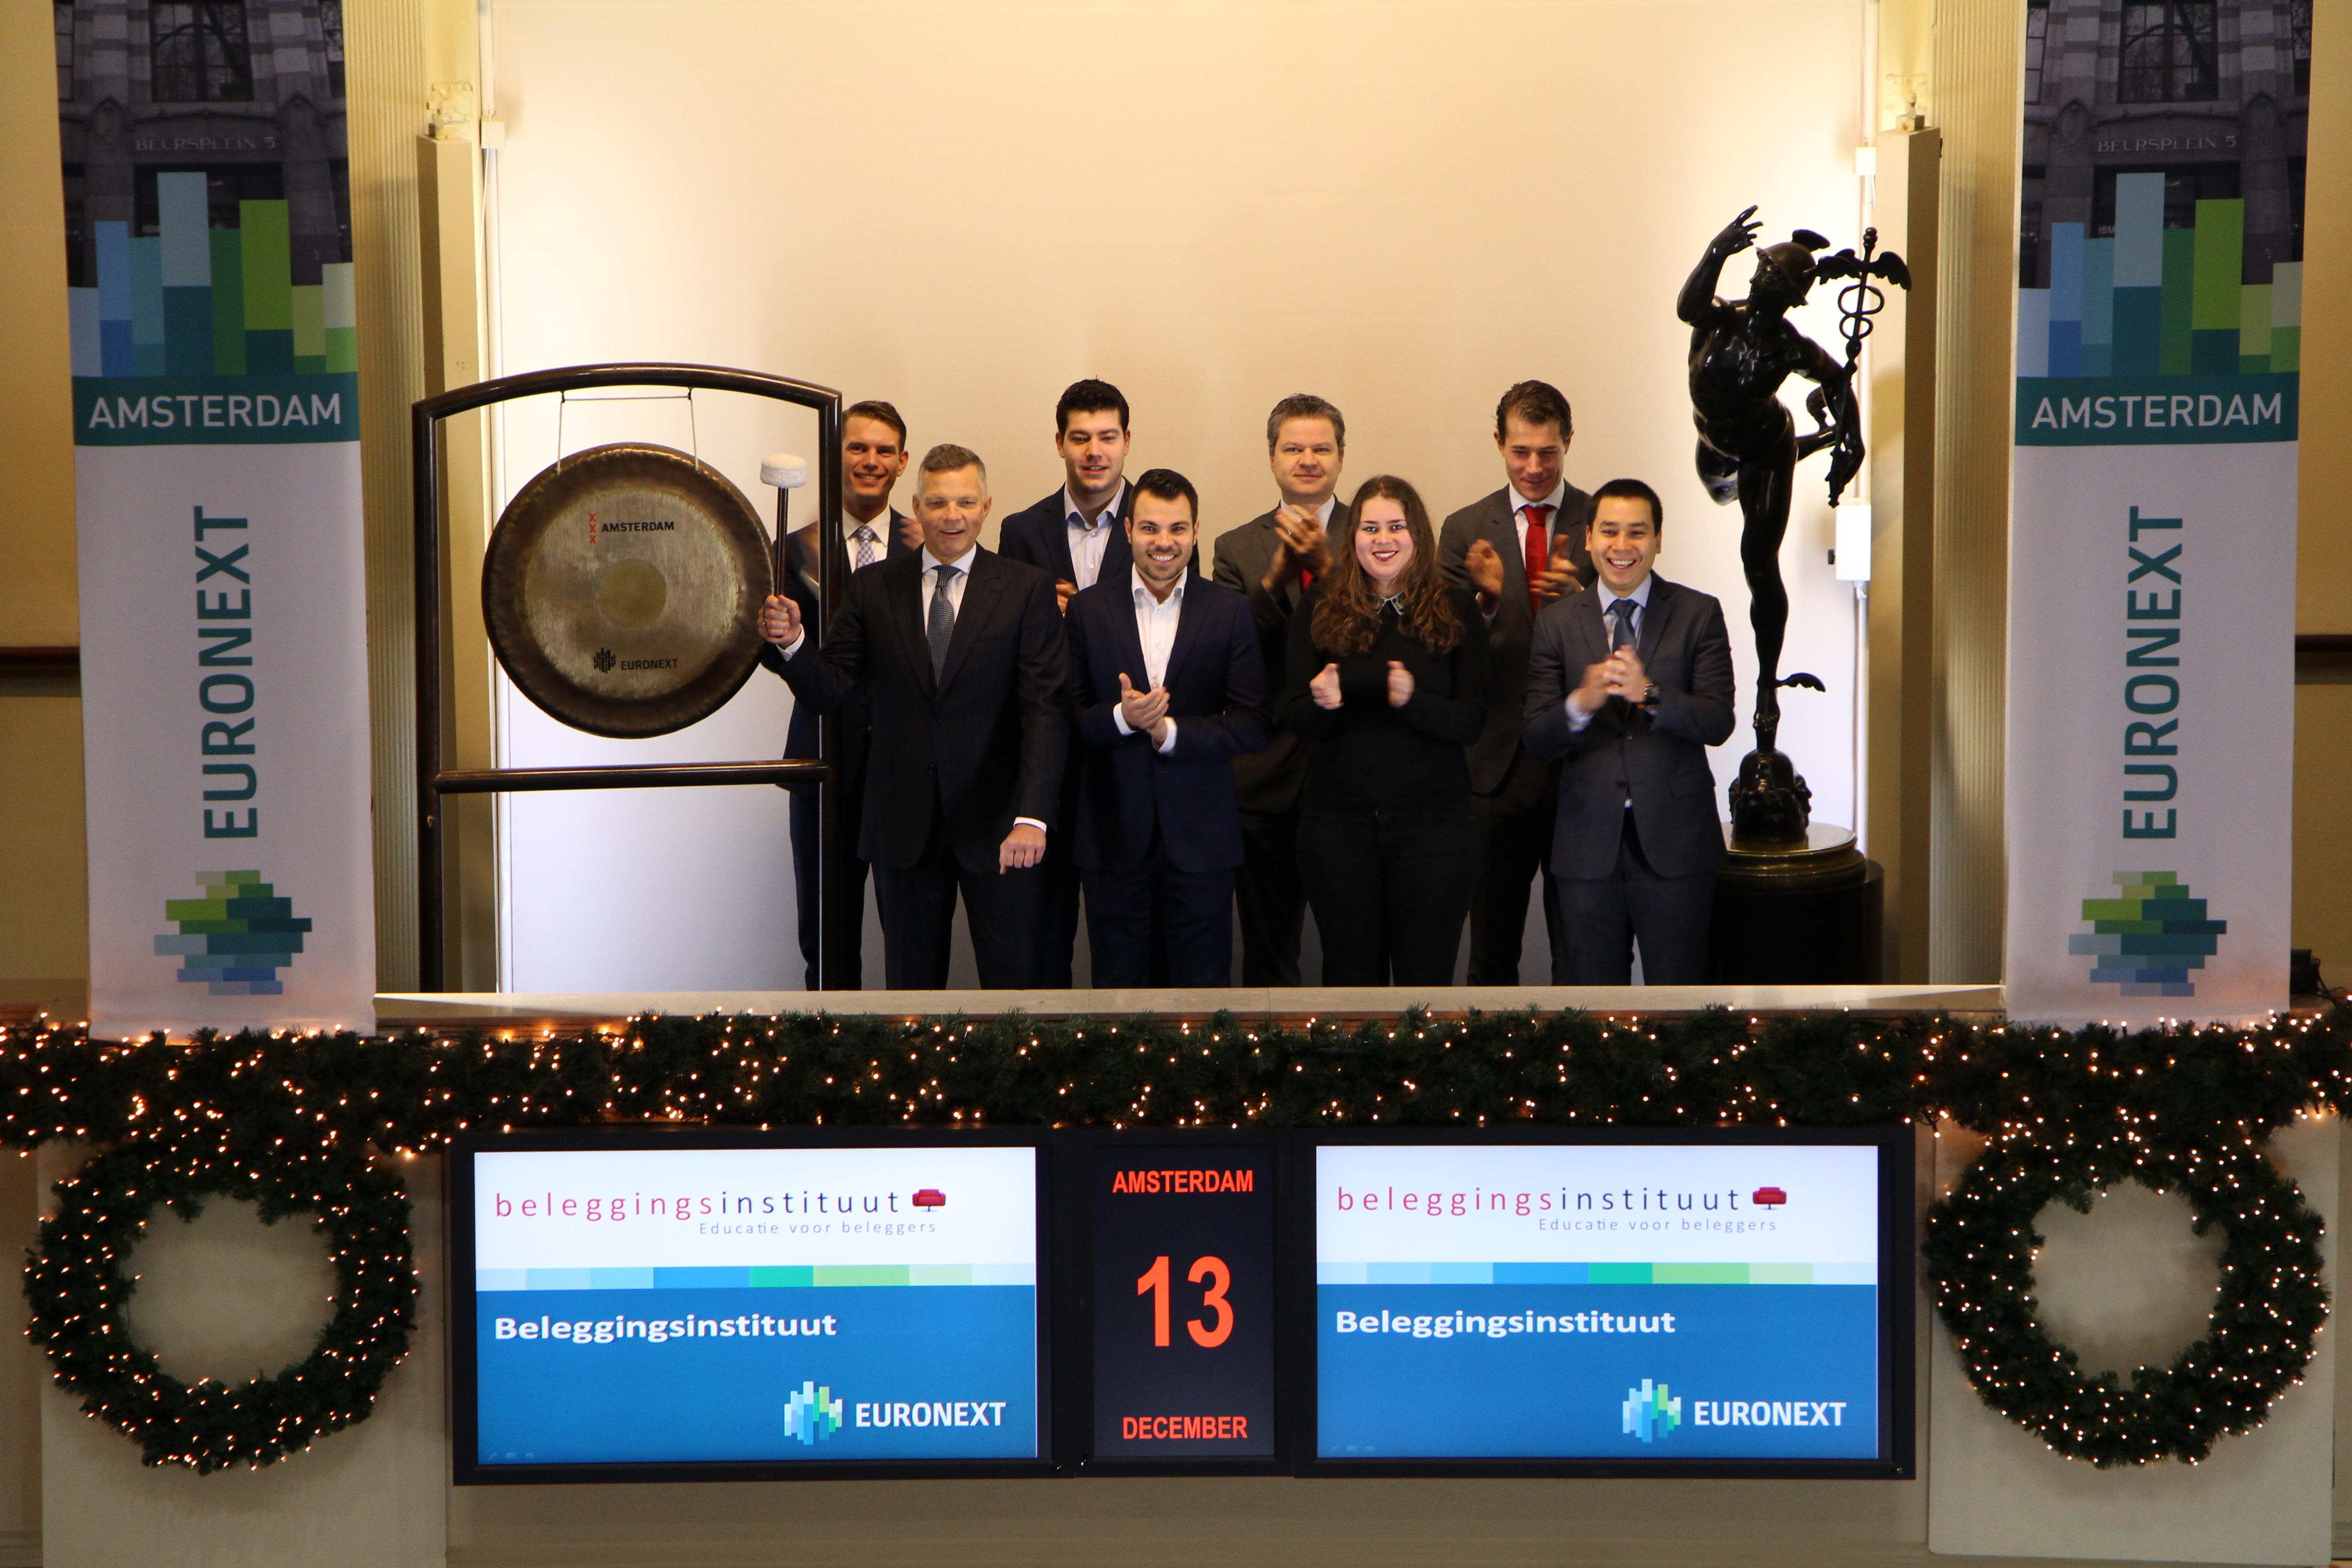 Beleggingsinstituut viert vijfjarig bestaan met beursgong